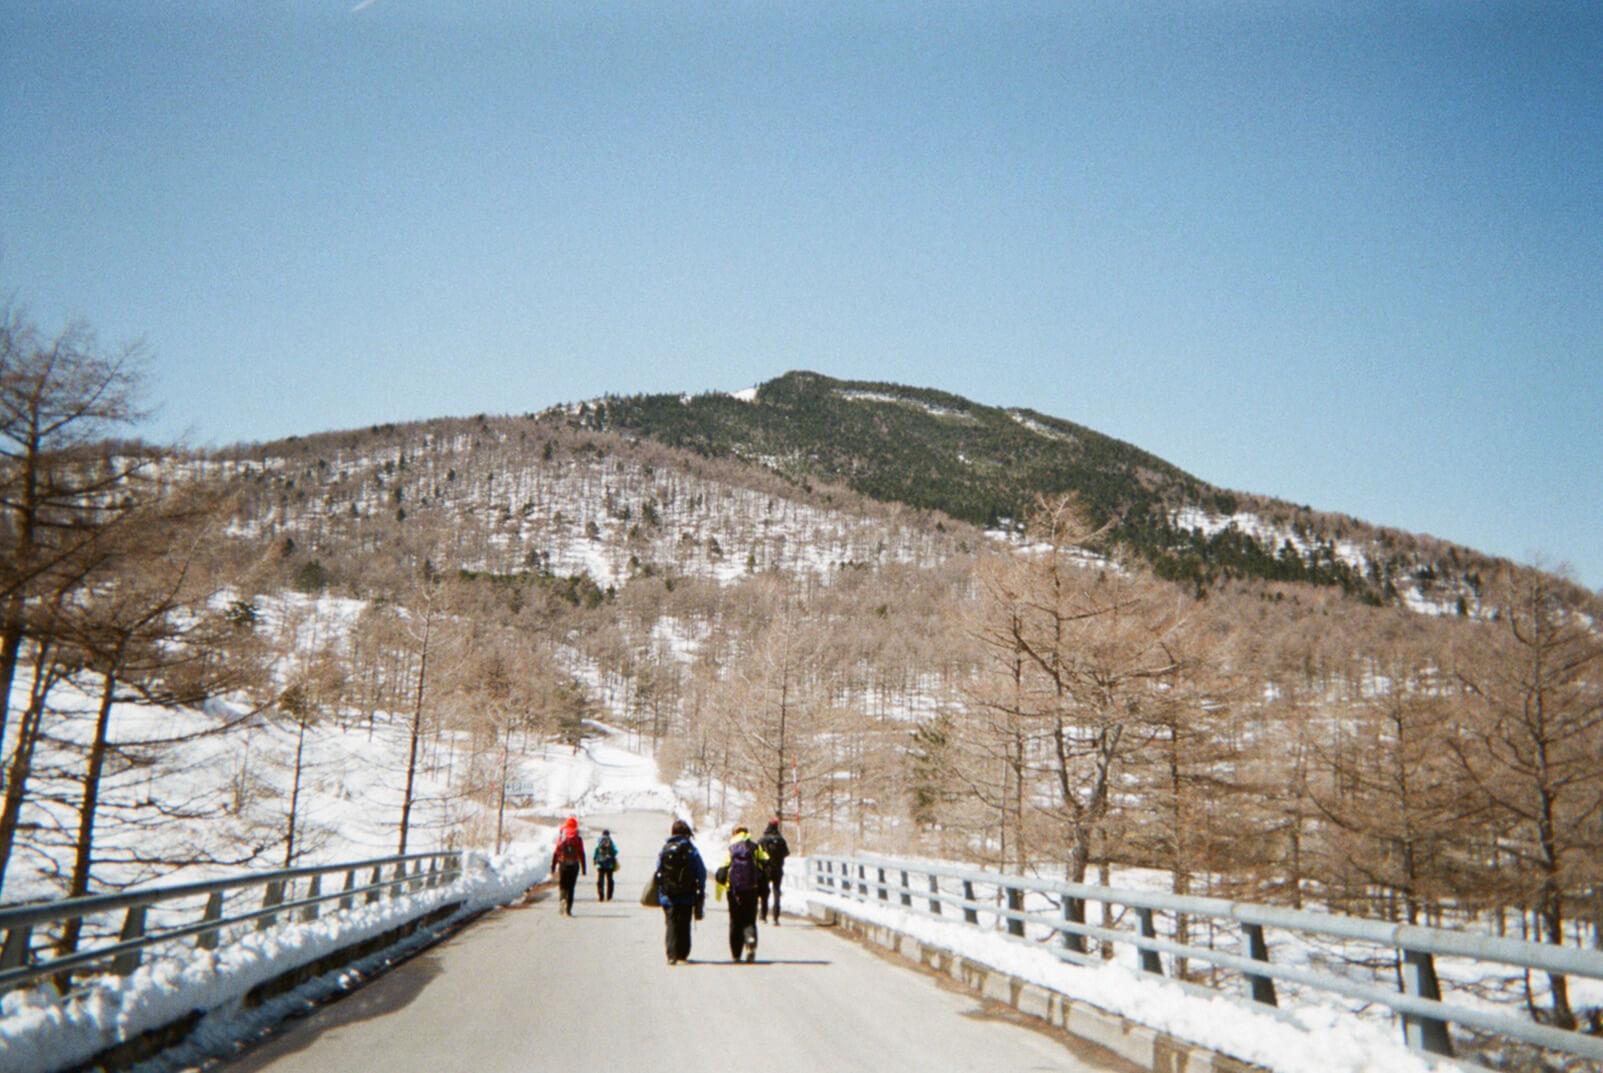 アウトドア初心者たちが楽しむ、春のスノートレッキング旅。